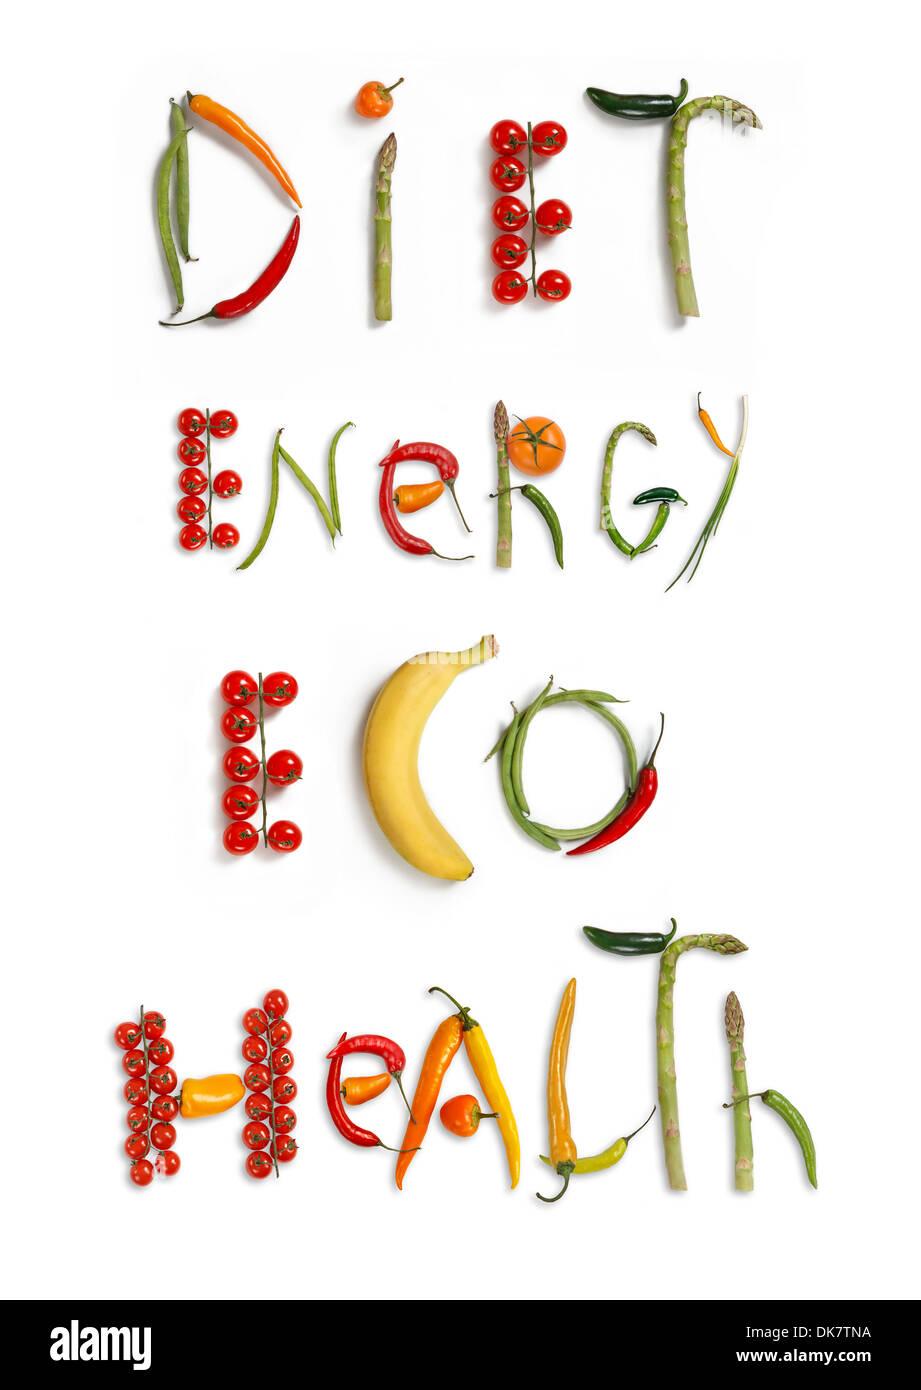 L'alimentation, l'énergie, Eco, santé Photo Stock